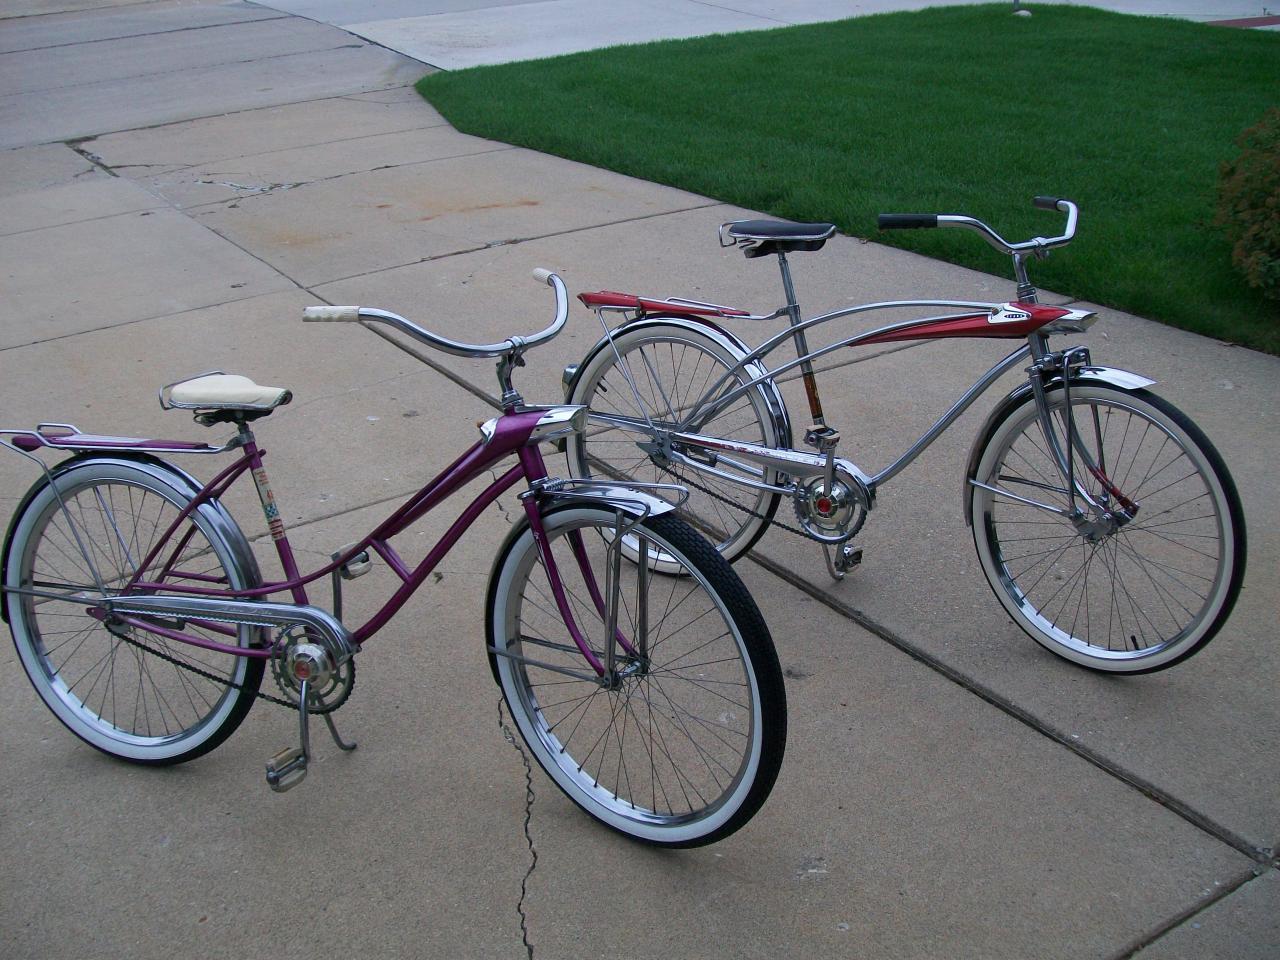 Trevor & bikes 009.jpg